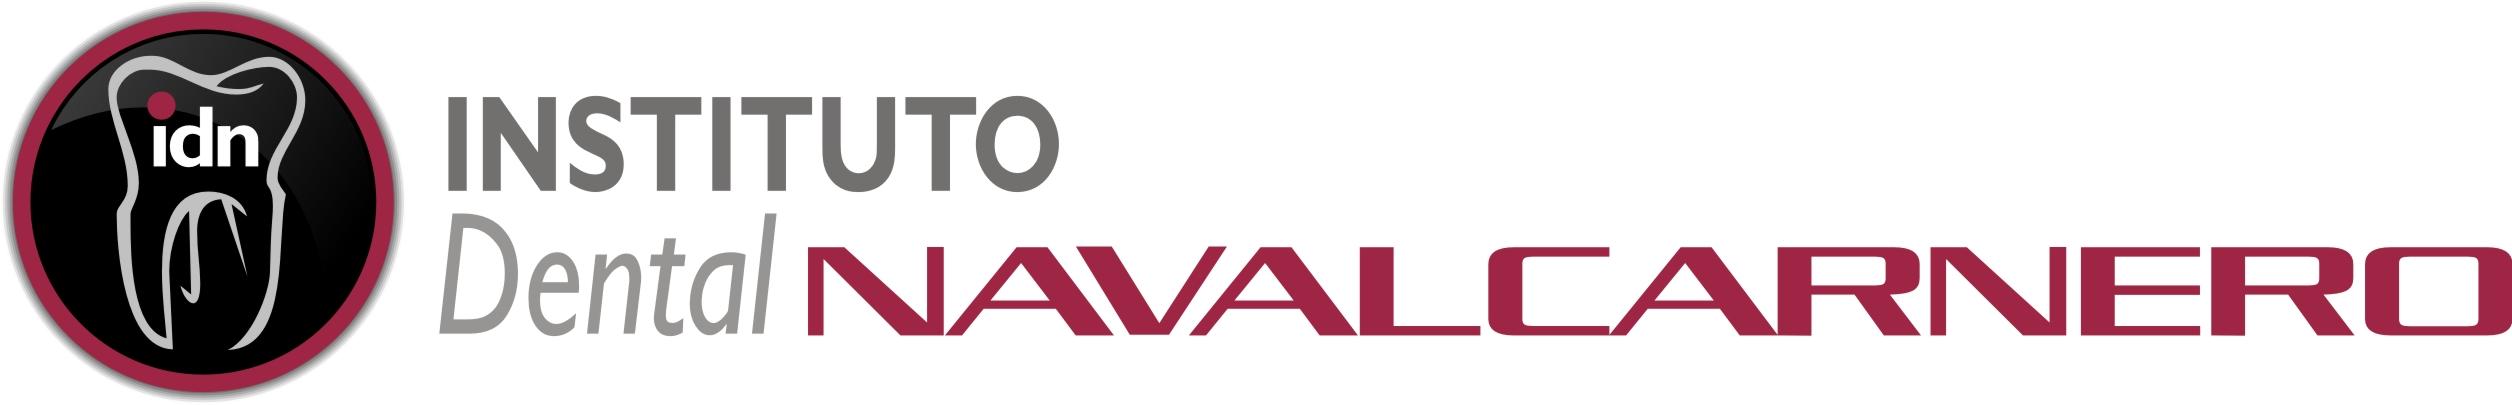 Instituto Dental Navalcarnero